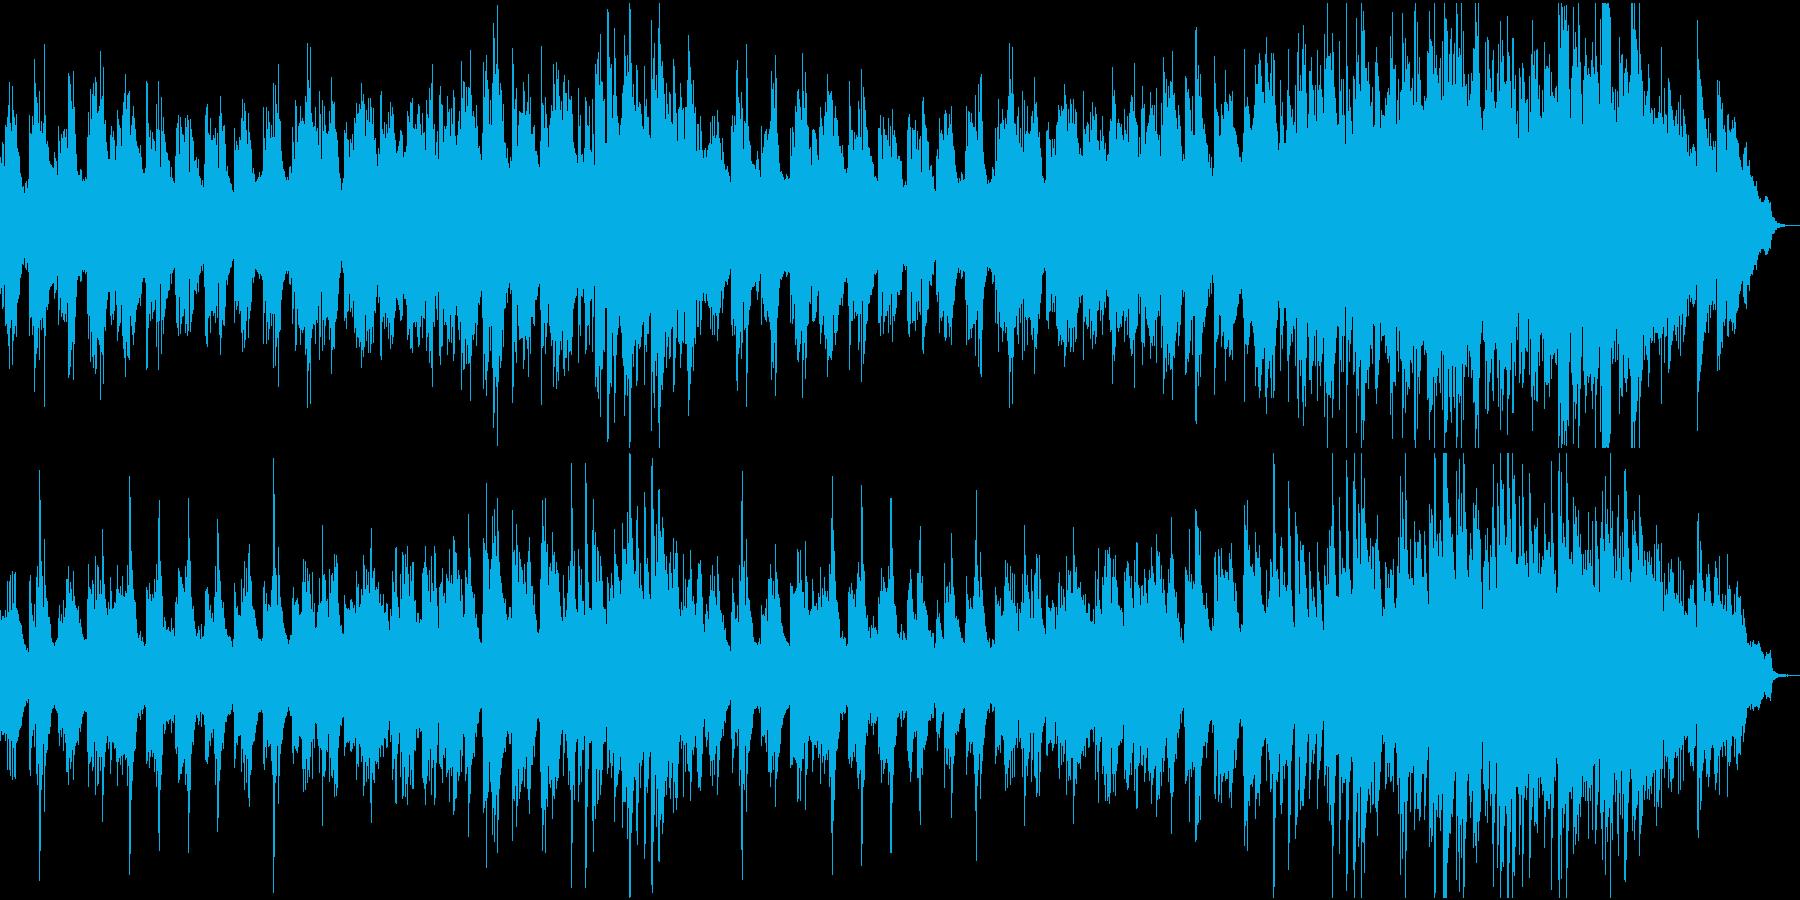 旋律を主体としたピアノ曲の再生済みの波形